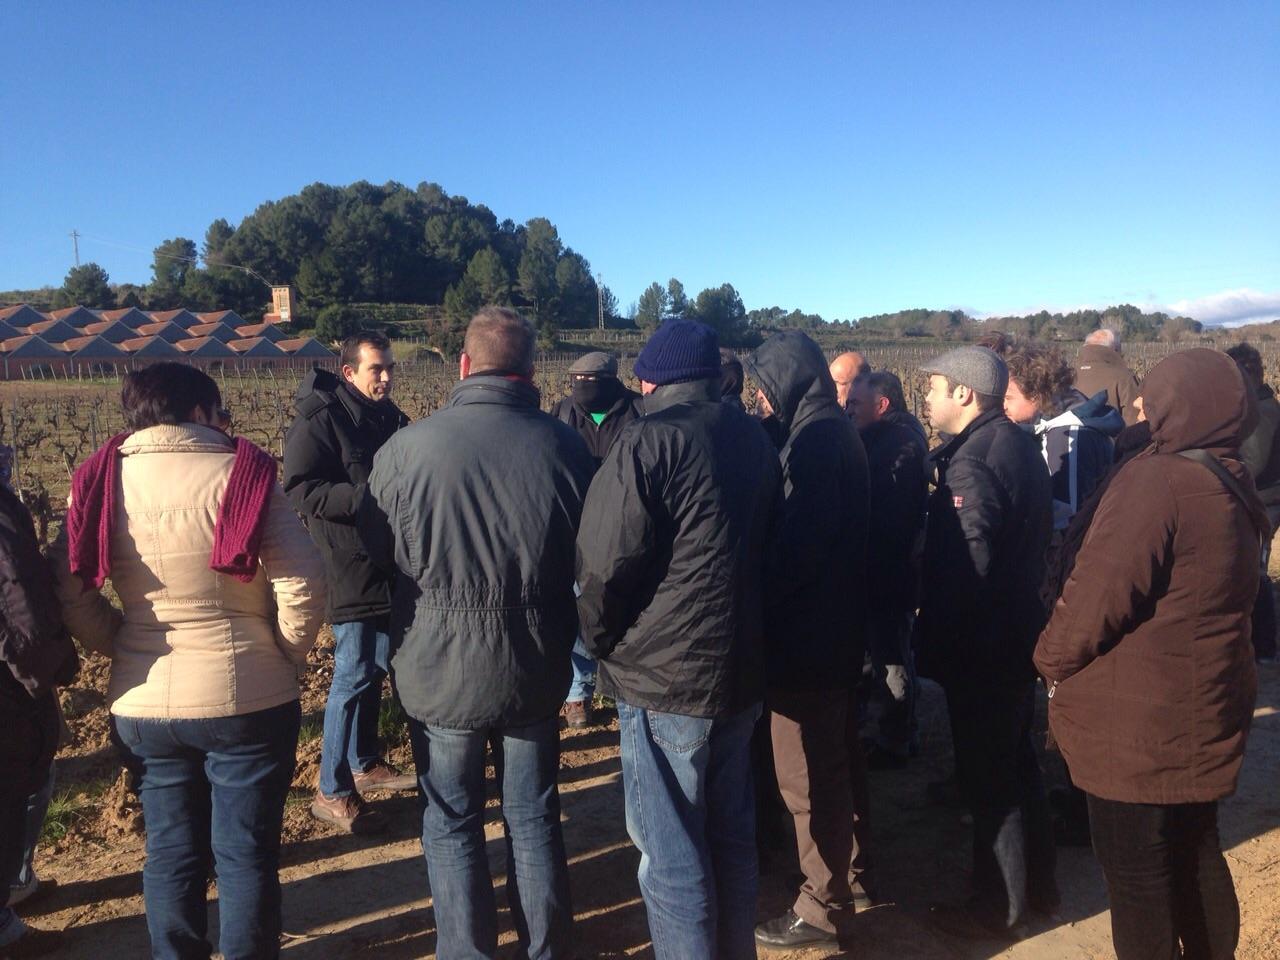 El grupo escucha atentamente las explicaciones sobre el suelo y las viñas.